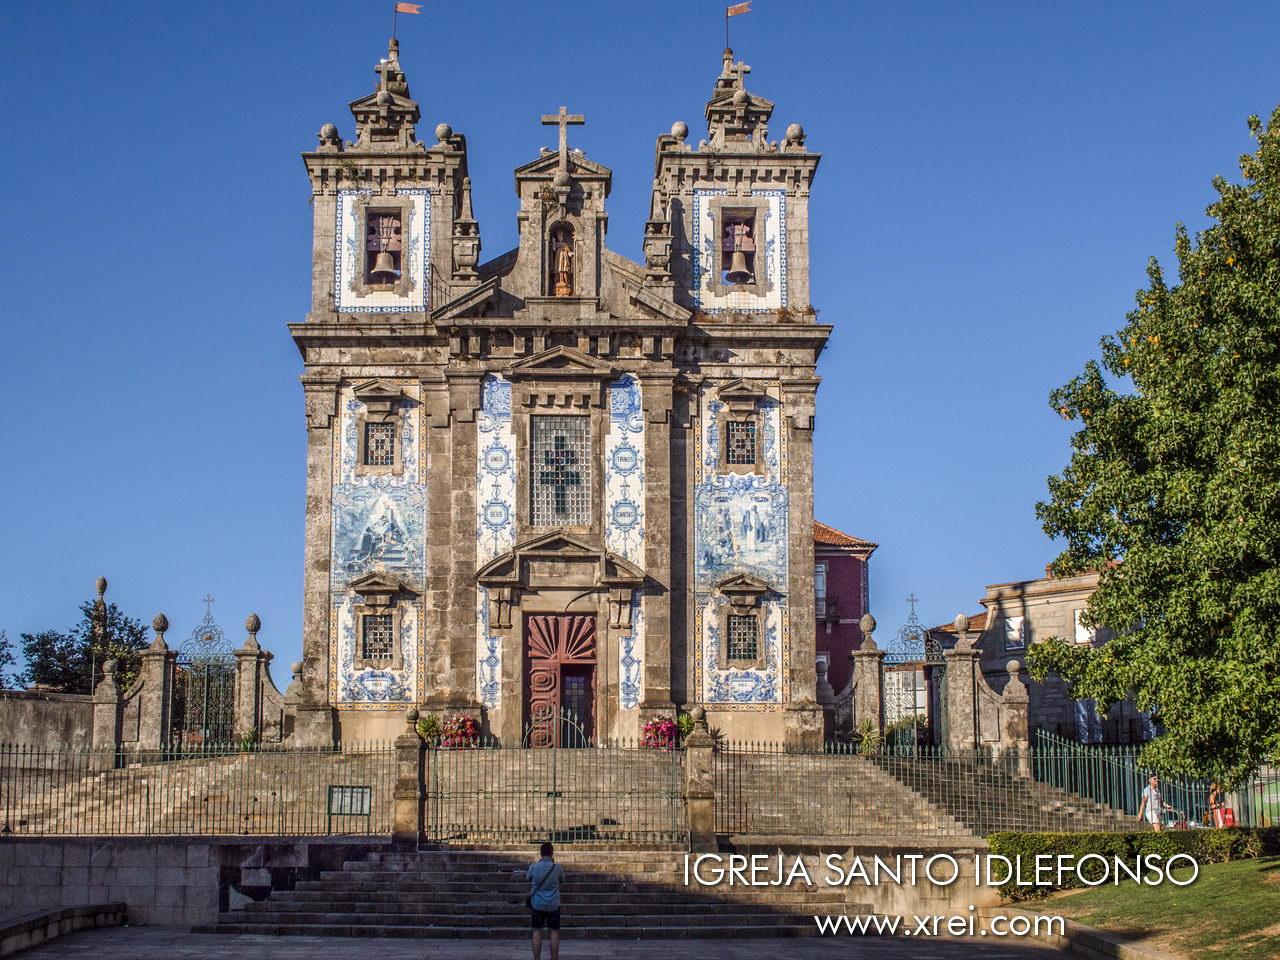 Iglesia de Santo Ildefonso, con una fachada con más de 11 mil azulejos que representan escenas de la vida de Santo Ildefonso y pasajes del Nuevo Testamento, escrito por Jorge Colaço